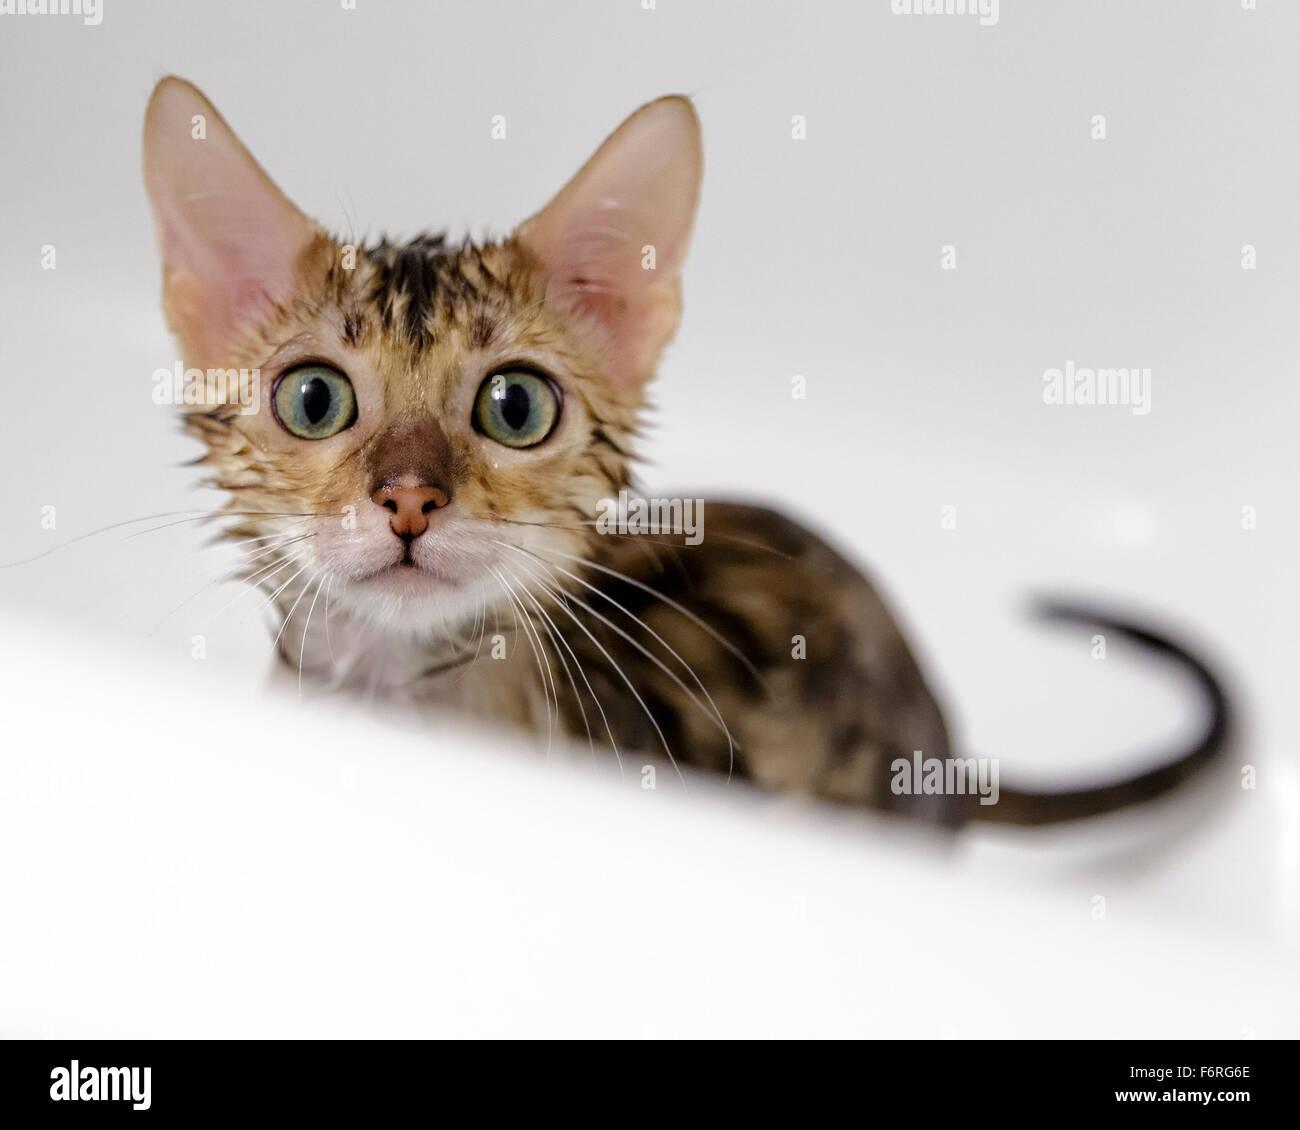 Gato de Bengala hembra gatito mirando a la cámara aunque tiene bañera y ducha en la bañera, modelo Imagen De Stock